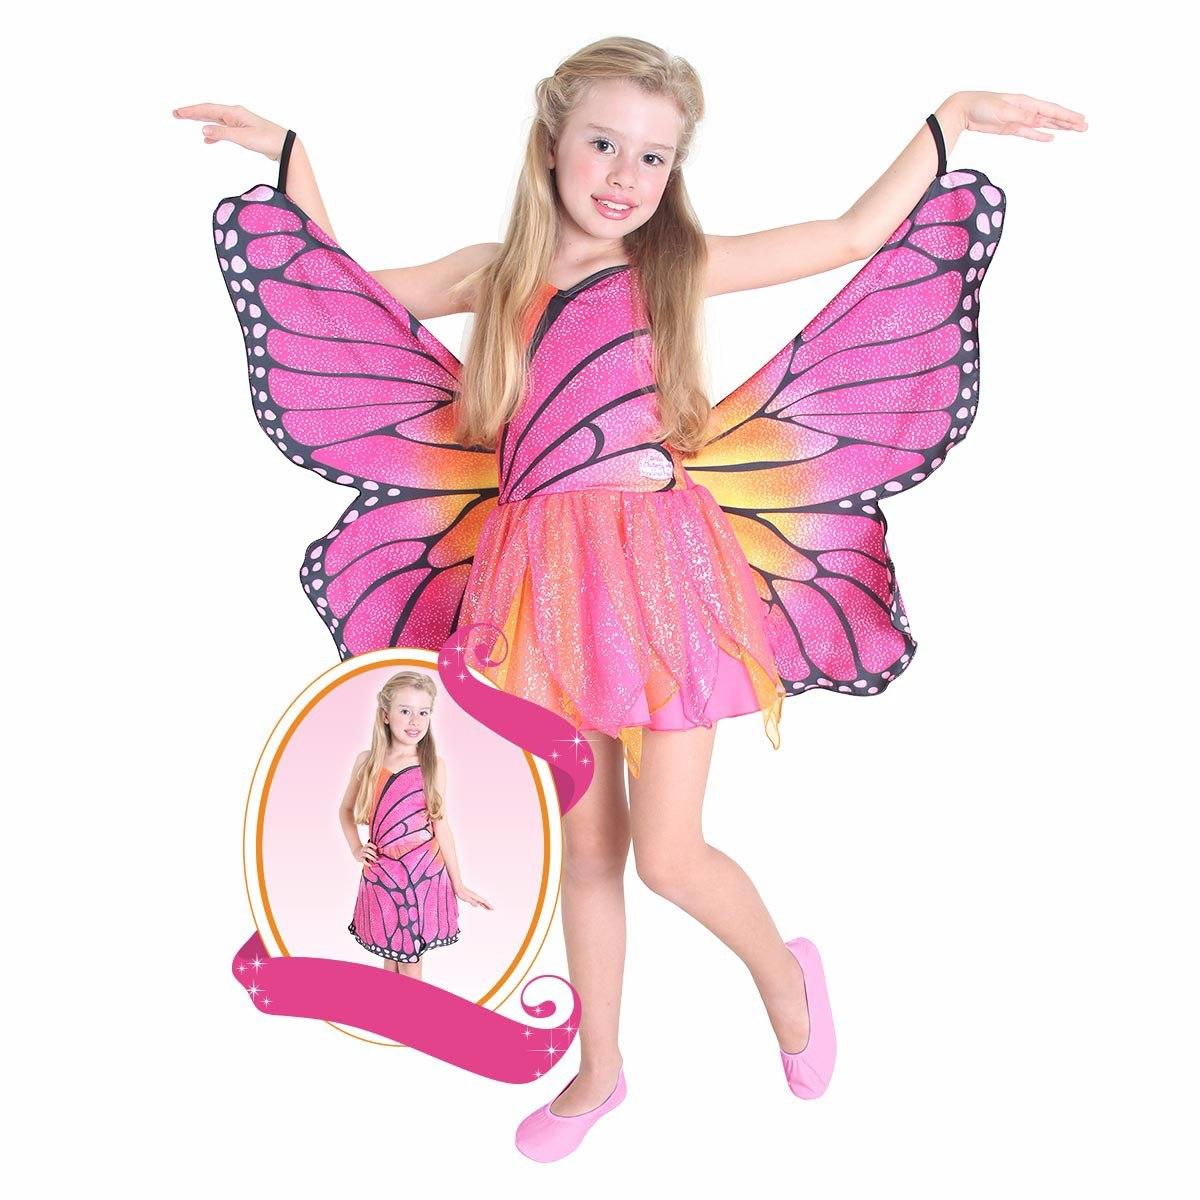 Fantasia Da Barbie Butterfly Infantil Luxo R$ 219 90 no MercadoLivre #B31875 1200x1200 Banheiro De Luxo Da Barbie